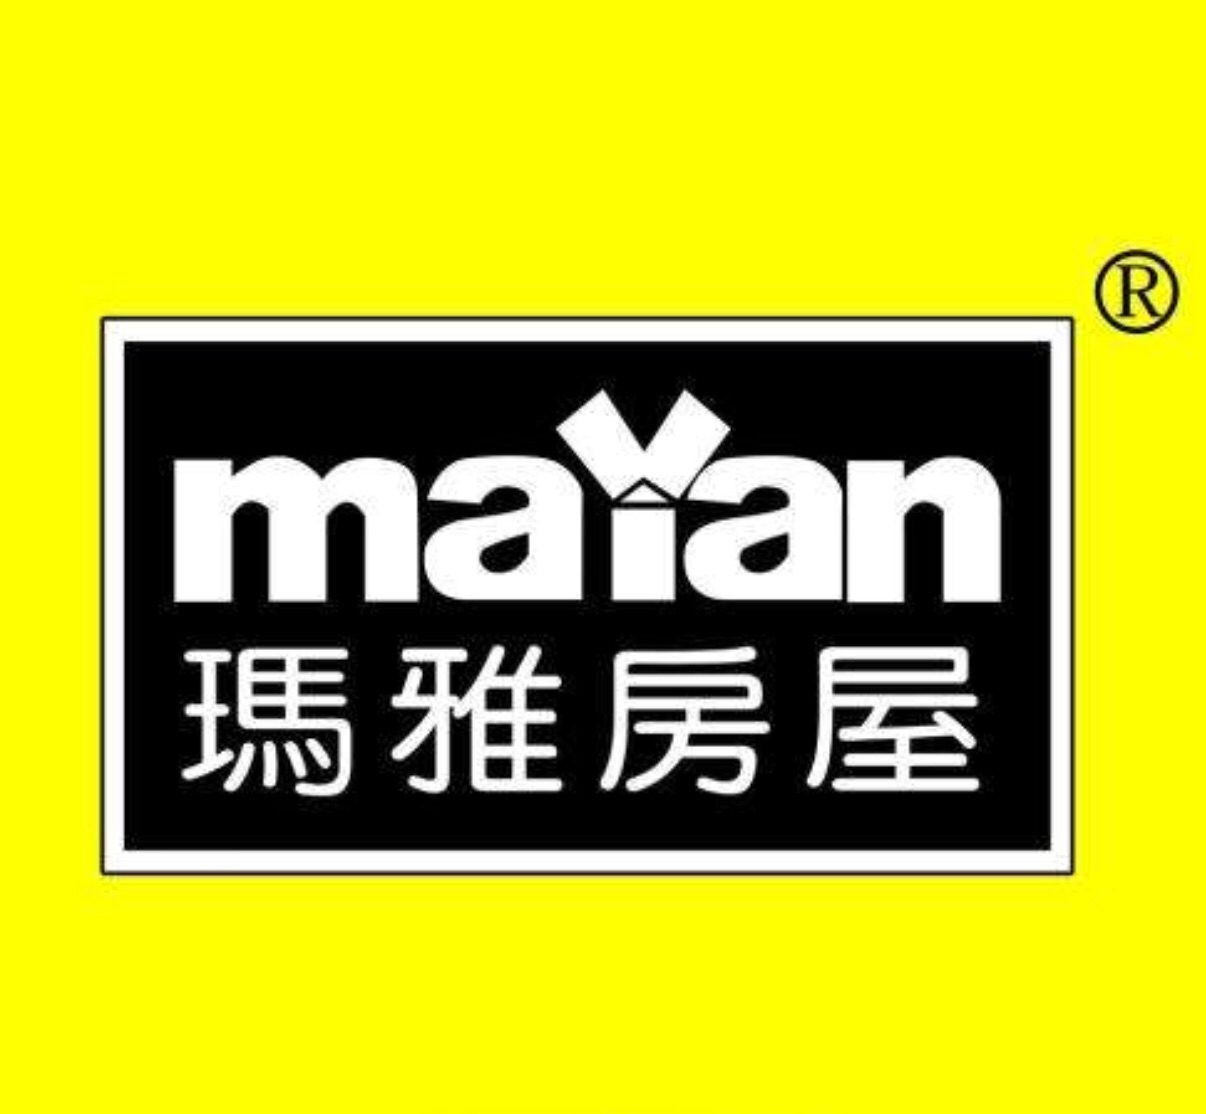 成都玛雅兴房房地产经纪有限公司